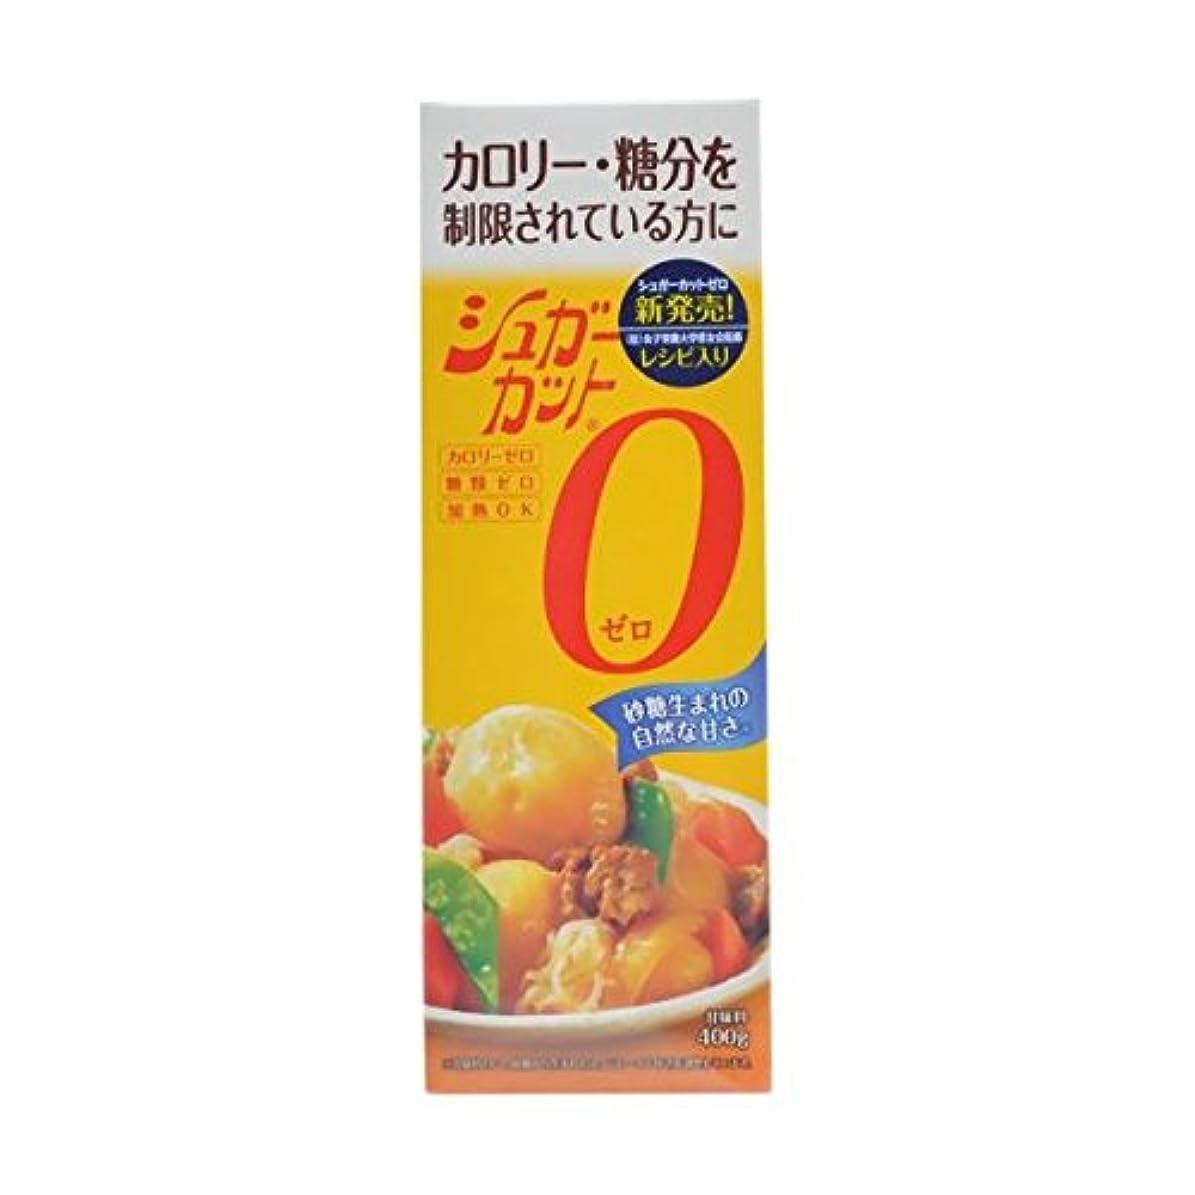 害はげボイド浅田飴 シュガーカットゼロ 400g【2個セット】